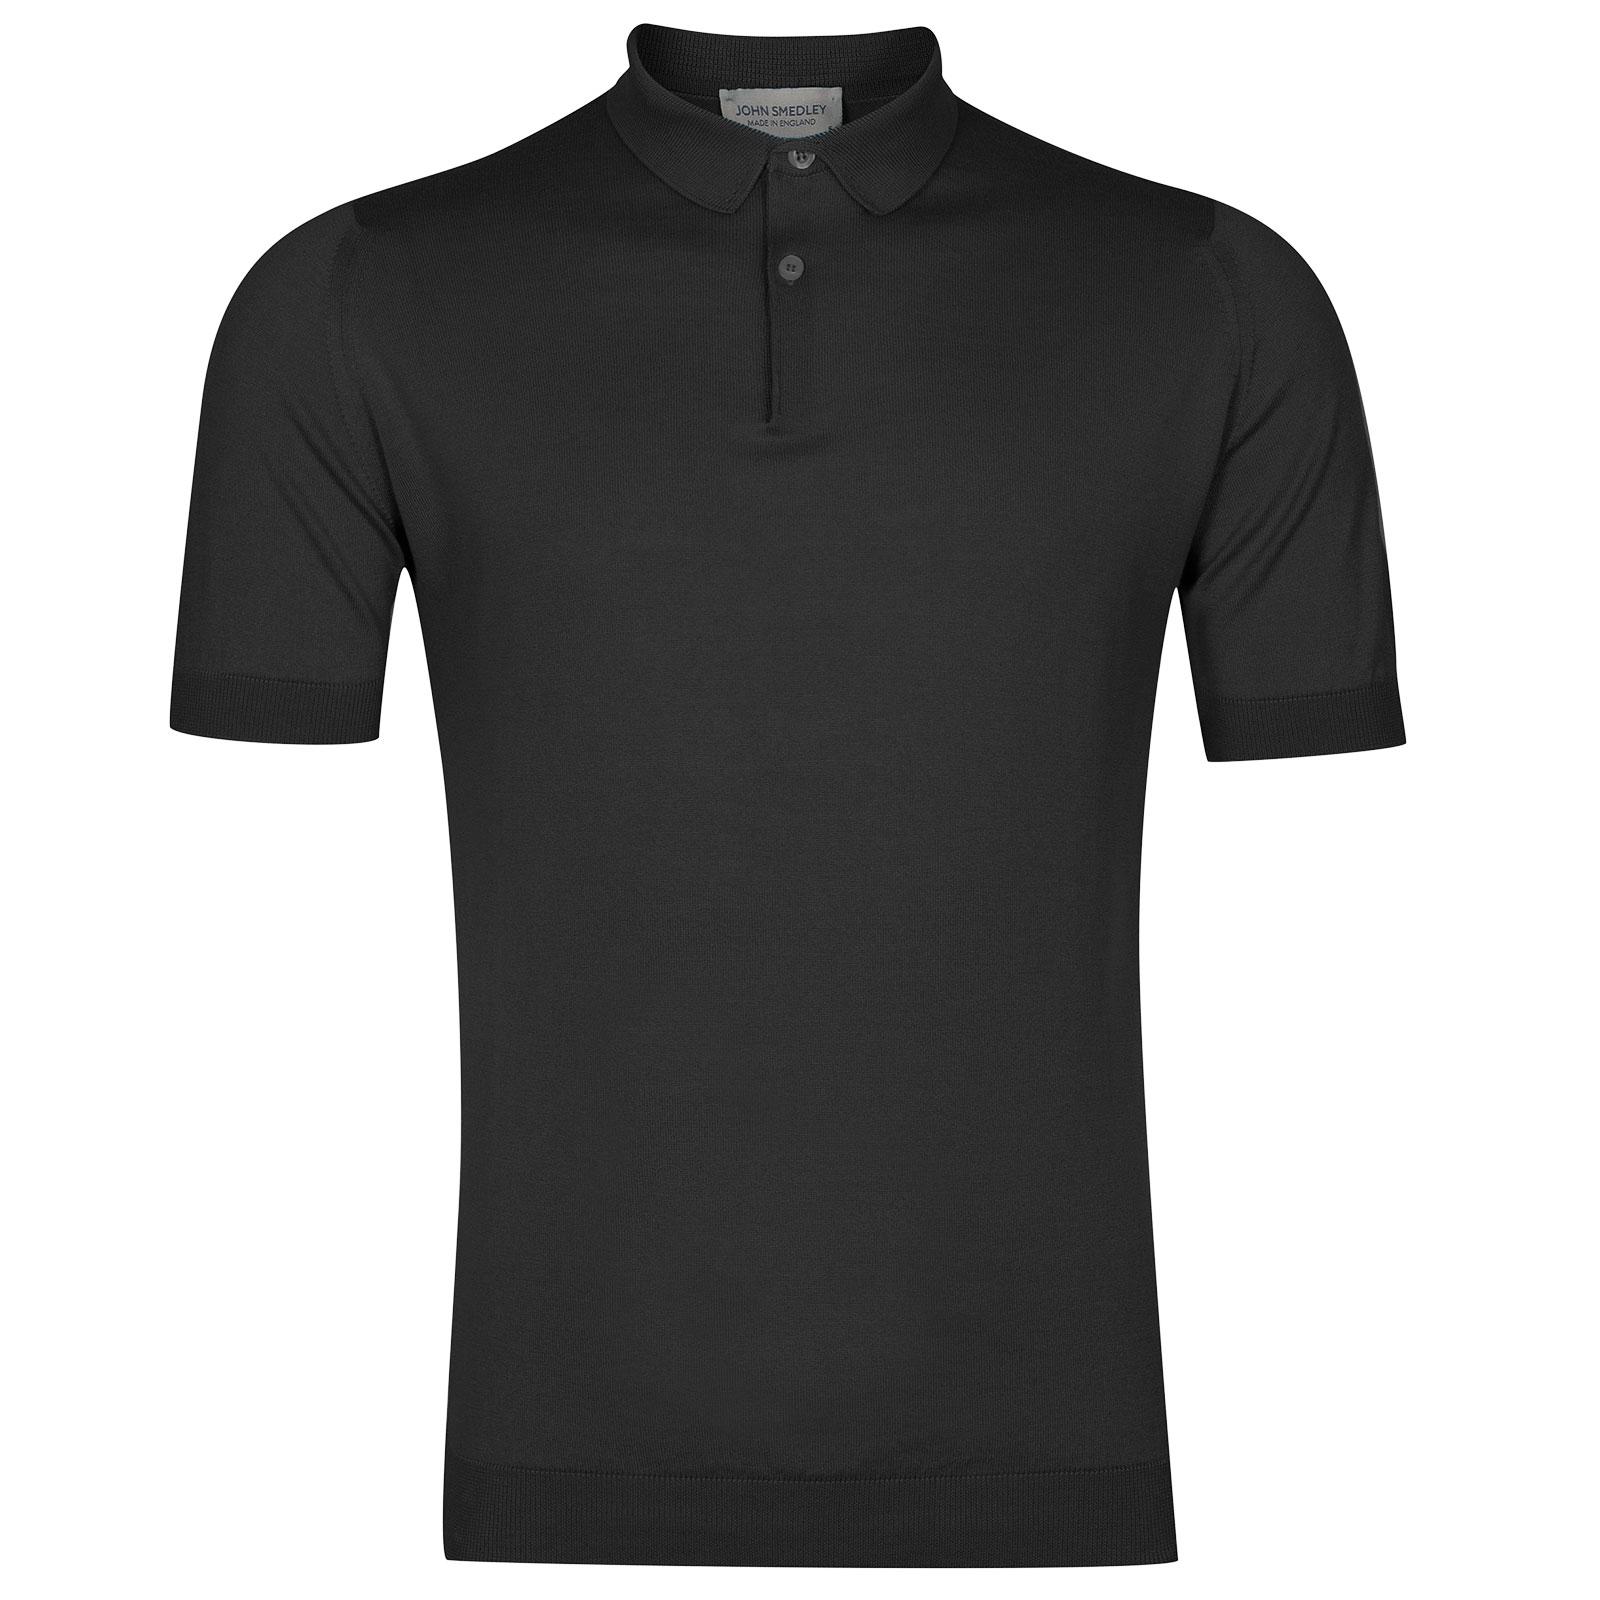 John Smedley Rhodes in Flannel Grey Shirt-SML